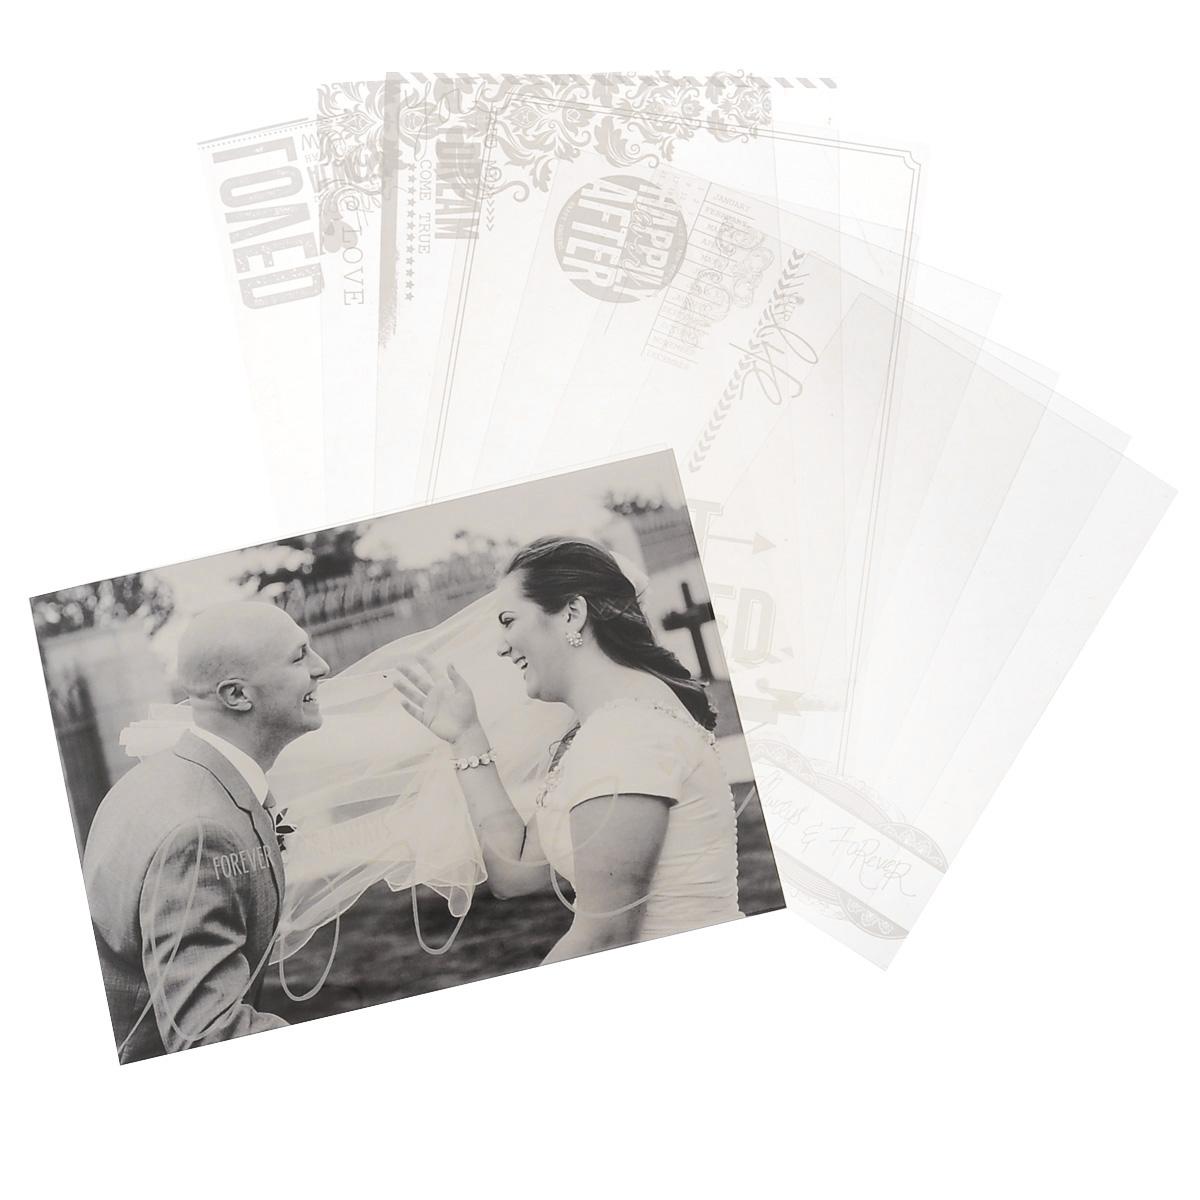 Веллум Teresa Collins Save the Date, 10 штSD1014Веллум Teresa Collins Save the Date прекрасно подойдет для оформления творческих работ в технике скрапбукинга. Веллум - это вид бумаги, который переводится как калька, хотя он гораздо плотнее и более однороден по фактуре. Его можно использовать для украшения фотоальбомов, скрап-страничек, подарков, конвертов, фоторамок, открыток и многого другого. Веллум имеет прозрачную фактуру и оформлен различными надписями, изображениями и узорами. В наборе - 10 листов двух размеров. Скрапбукинг - это хобби, которое способно приносить массу приятных эмоций не только человеку, который этим занимается, но и его близким, друзьям, родным. Это невероятно увлекательное занятие, которое поможет вам сохранить наиболее памятные и яркие моменты вашей жизни, а также интересно оформить интерьер дома. Размер листов: 17,5 см х 12,5 см, 10,2 см х 15,2 см.